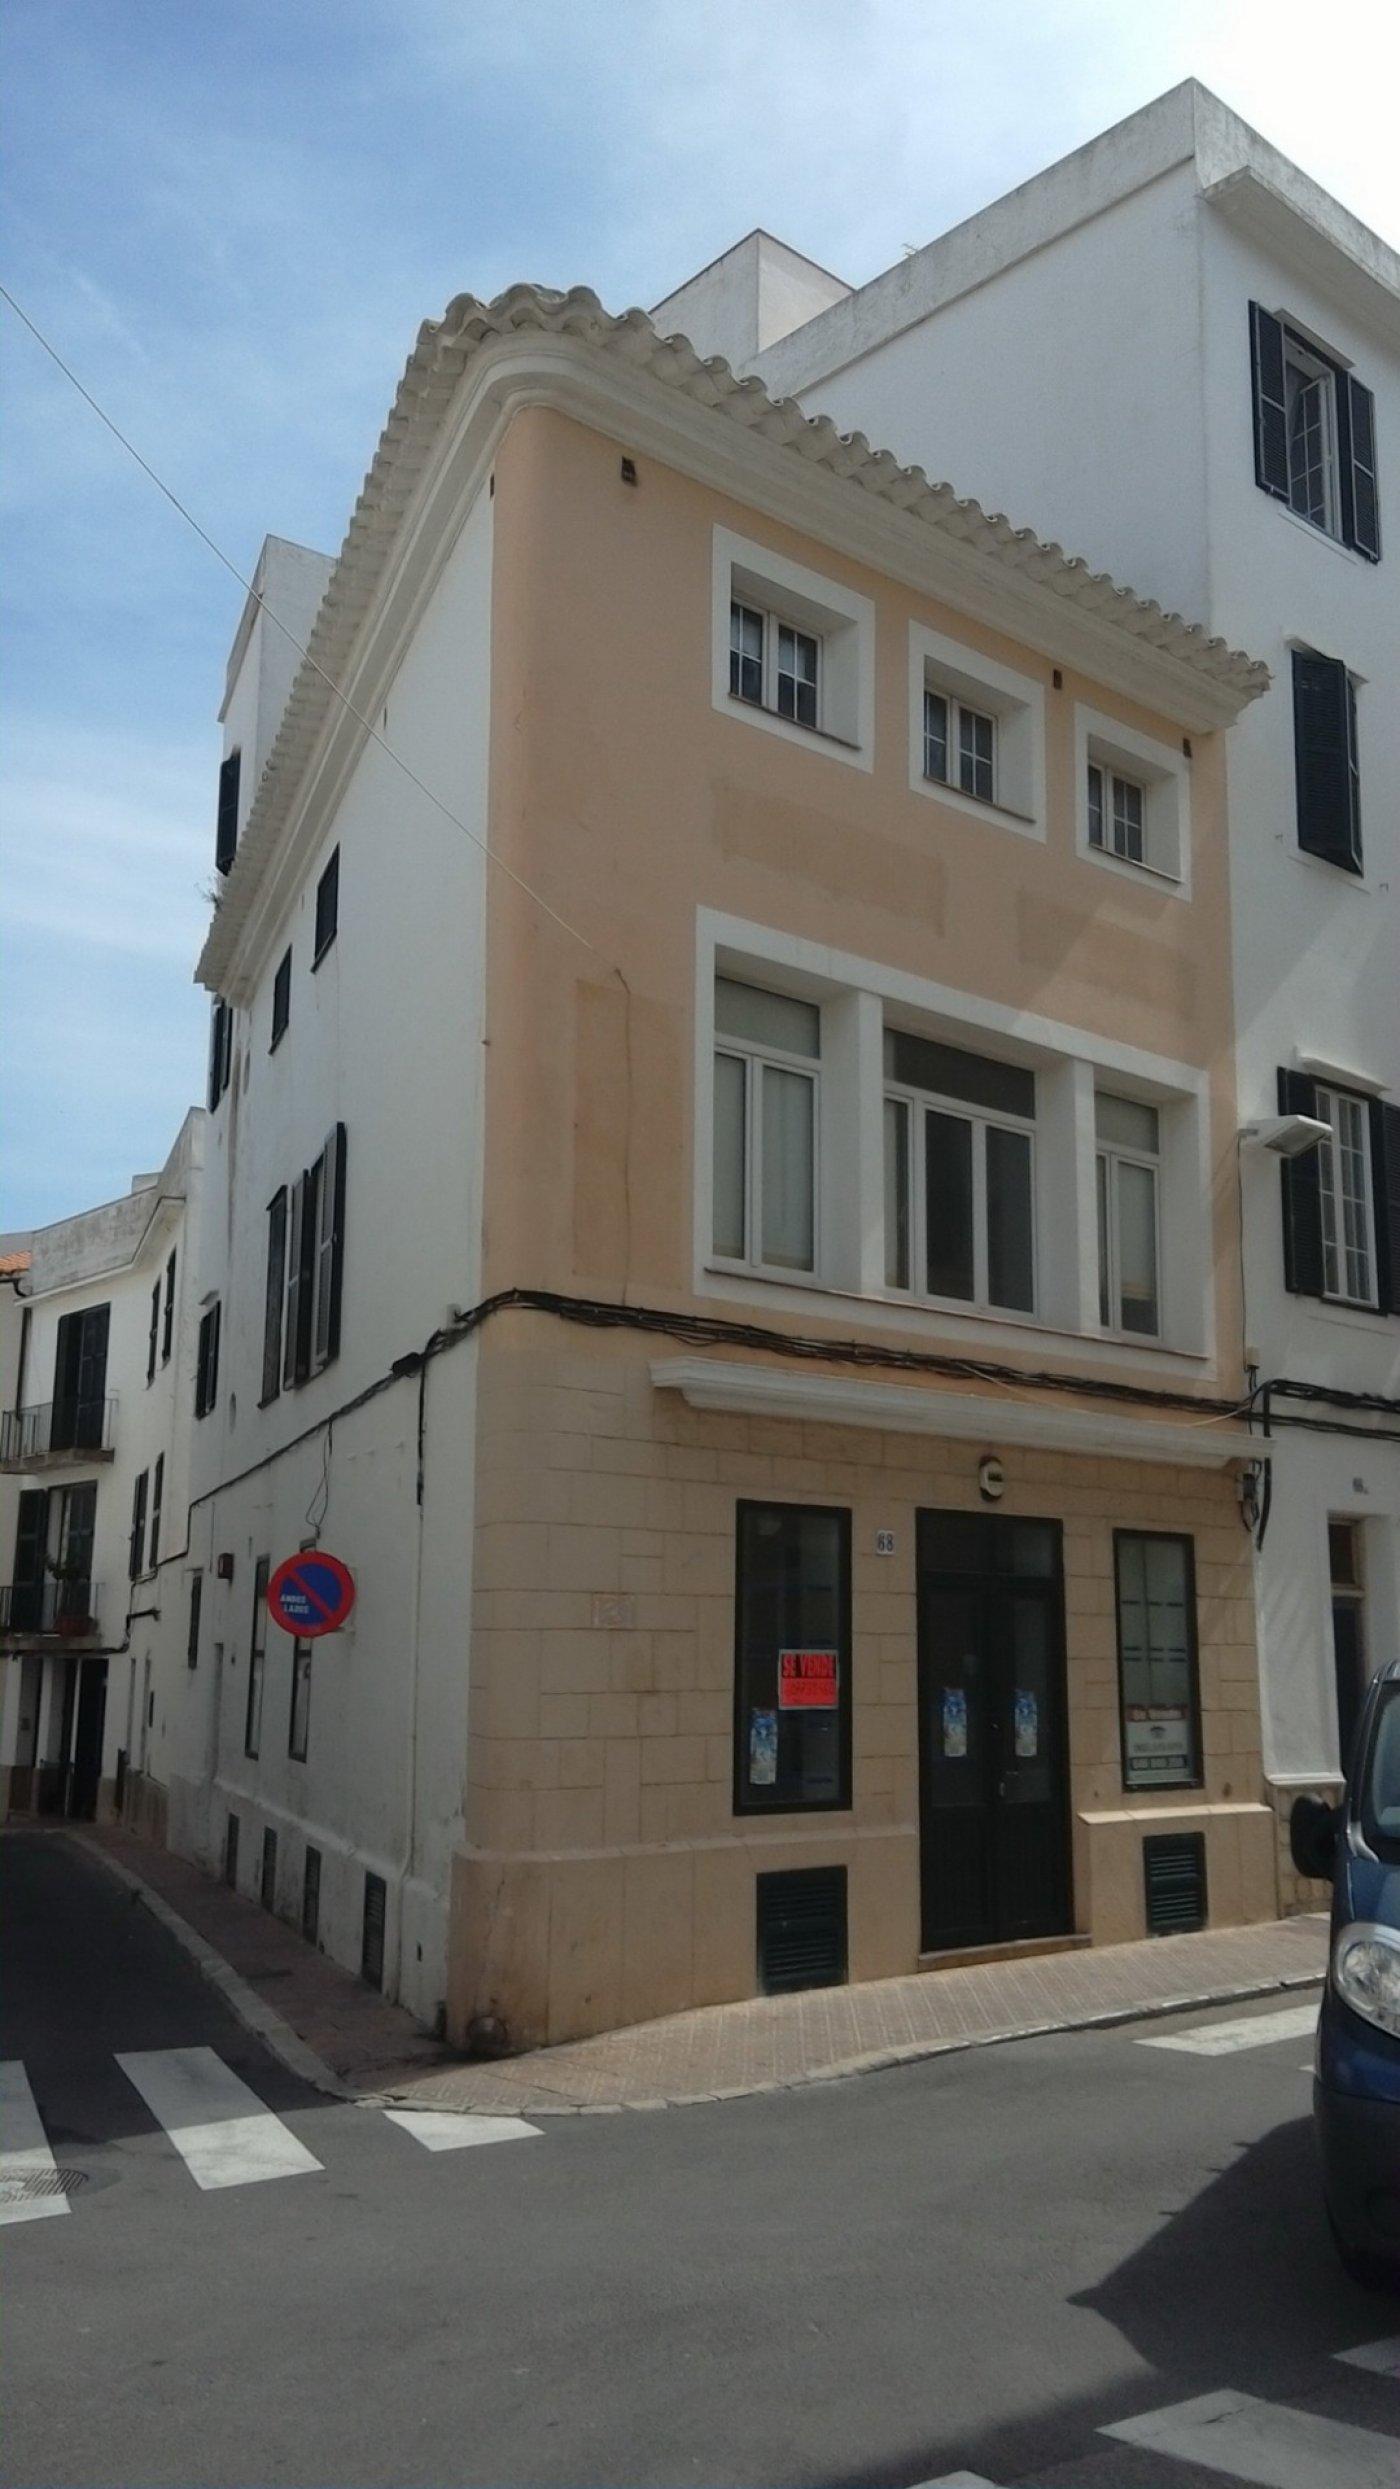 Rental House  Mahon ,esplanada. Casa esquinera 191 m2 casco antiguo plaza esplanada 207557 euros